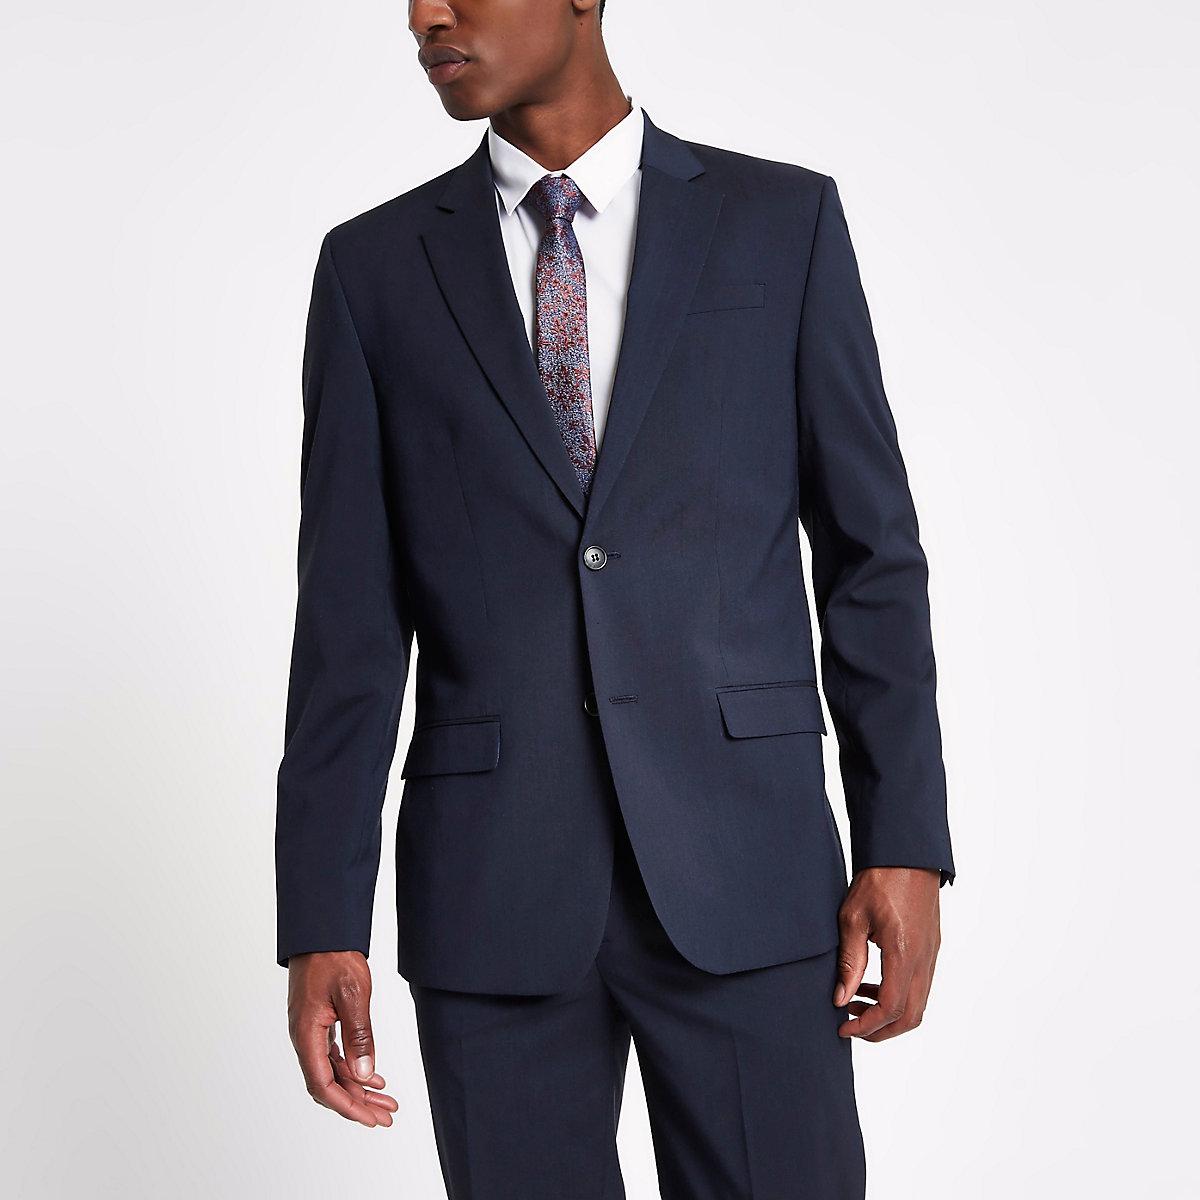 Veste de costume cintrée bleu marine Veste de costume cintrée bleu marine  ... 3717b82dde4